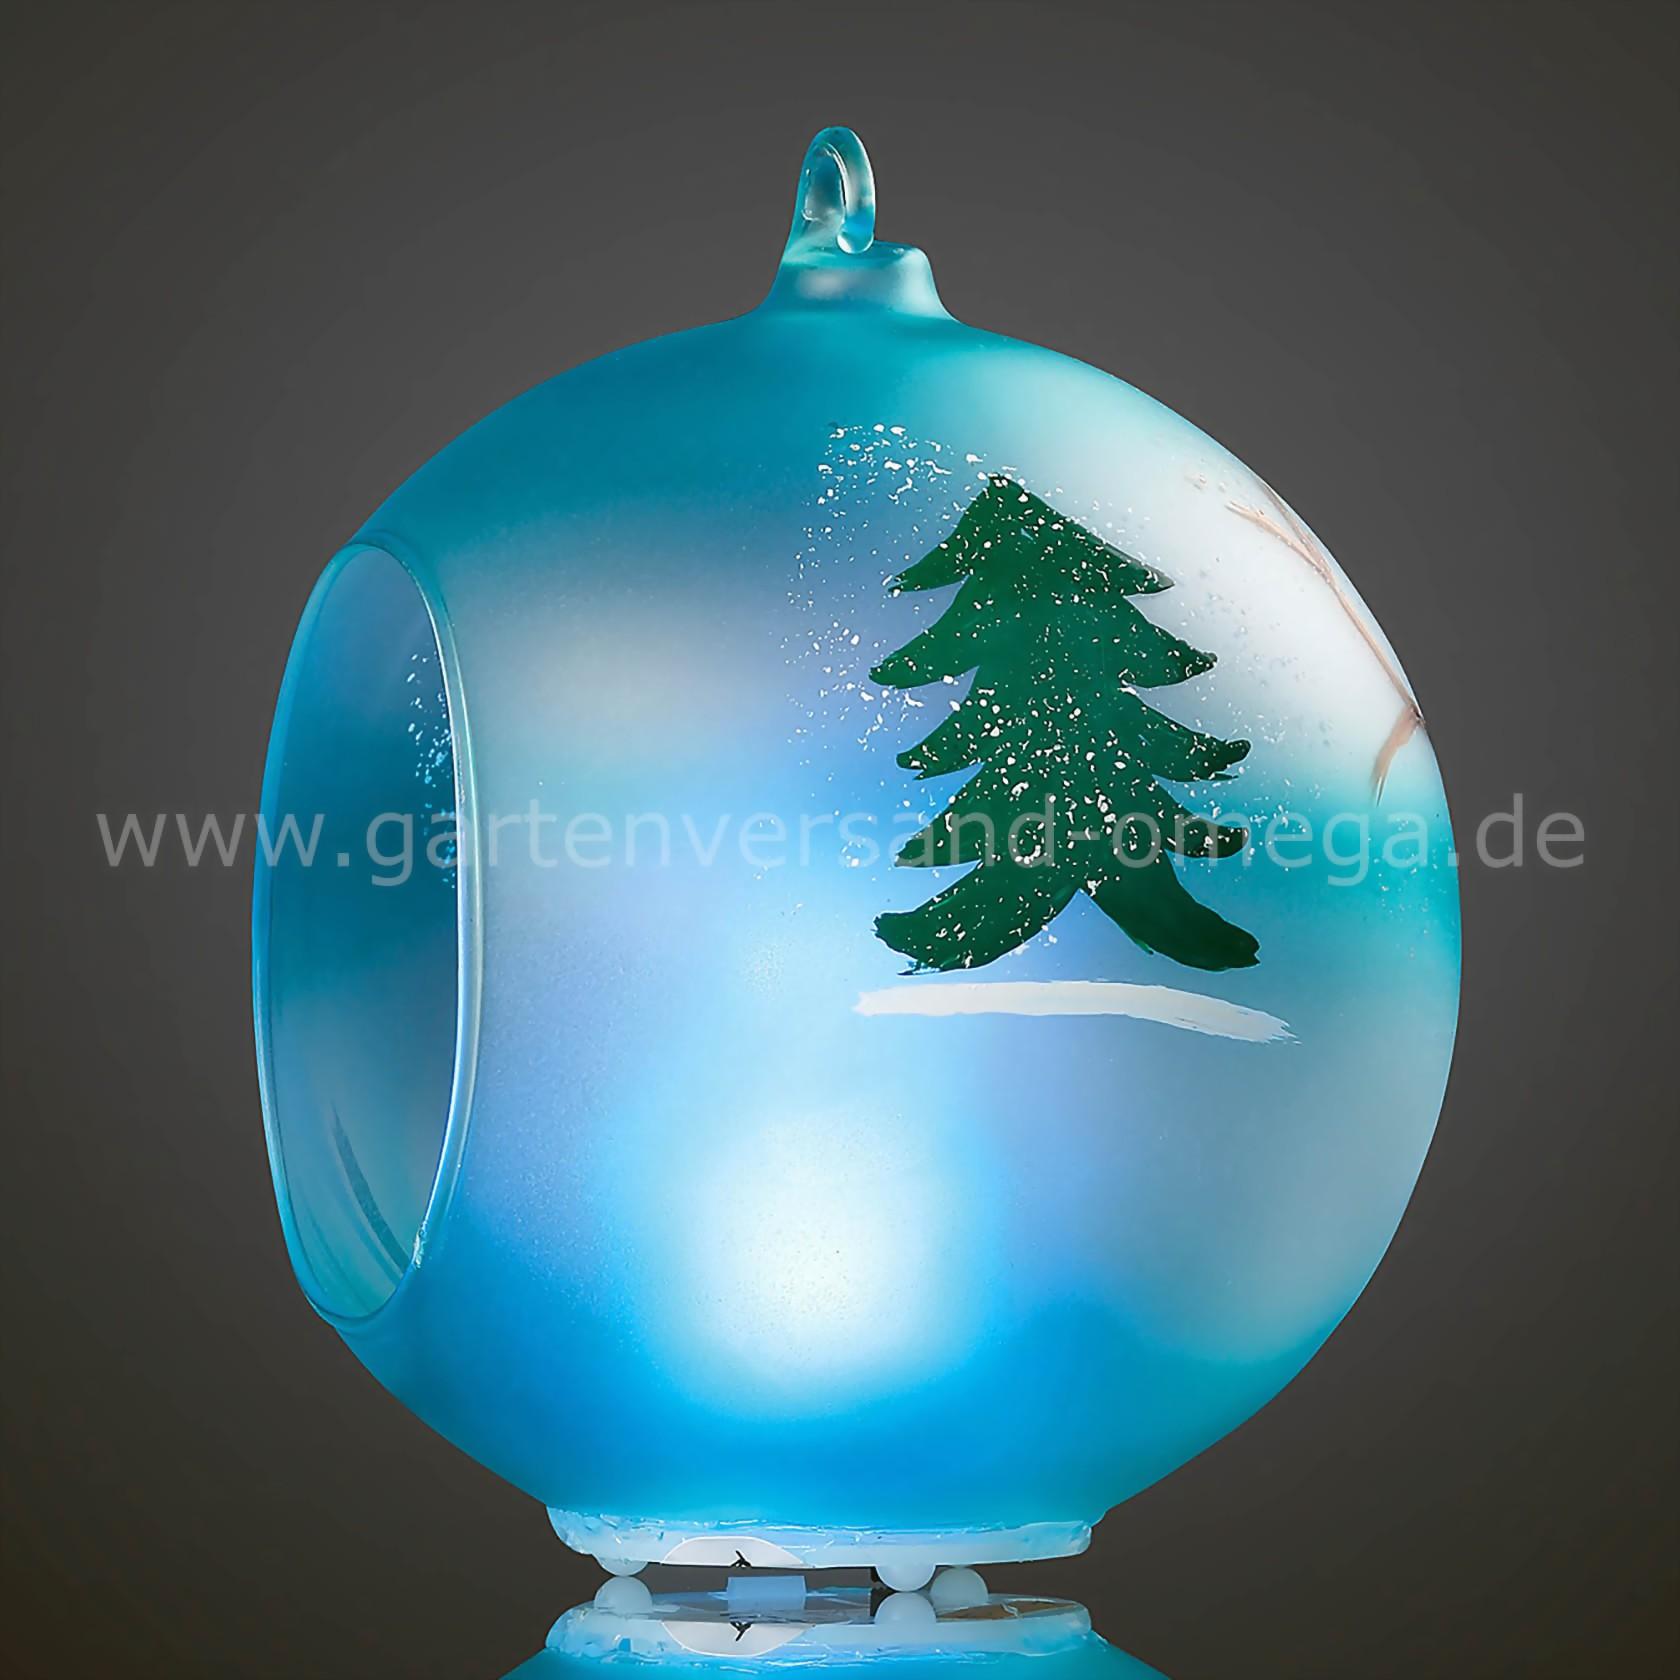 led glaskugel mit engel weihnachtsdeko christbaum led. Black Bedroom Furniture Sets. Home Design Ideas